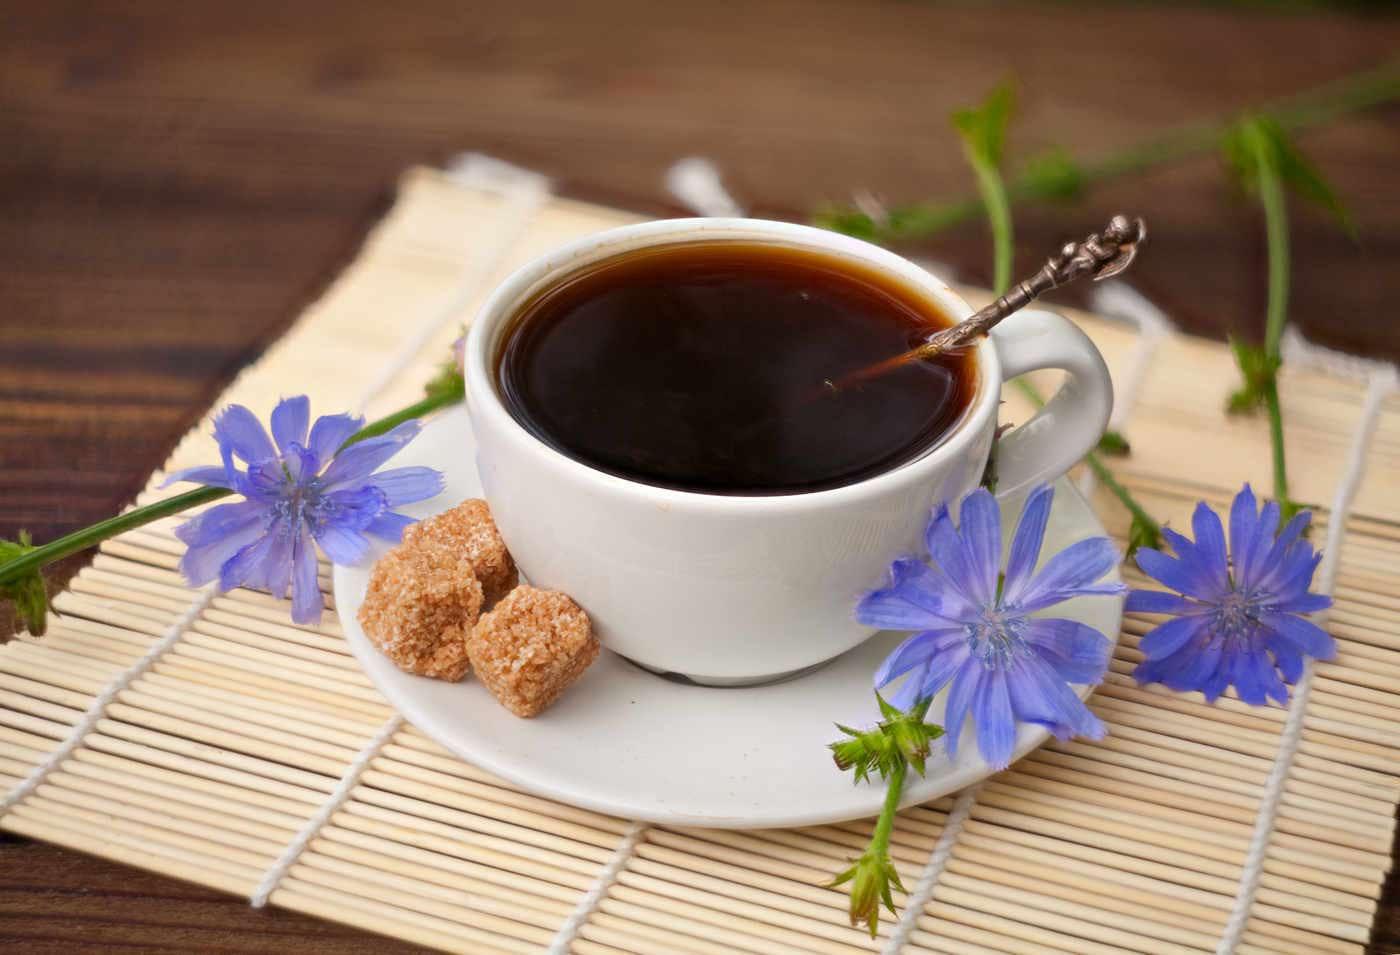 Alternative naturale pentru cafea